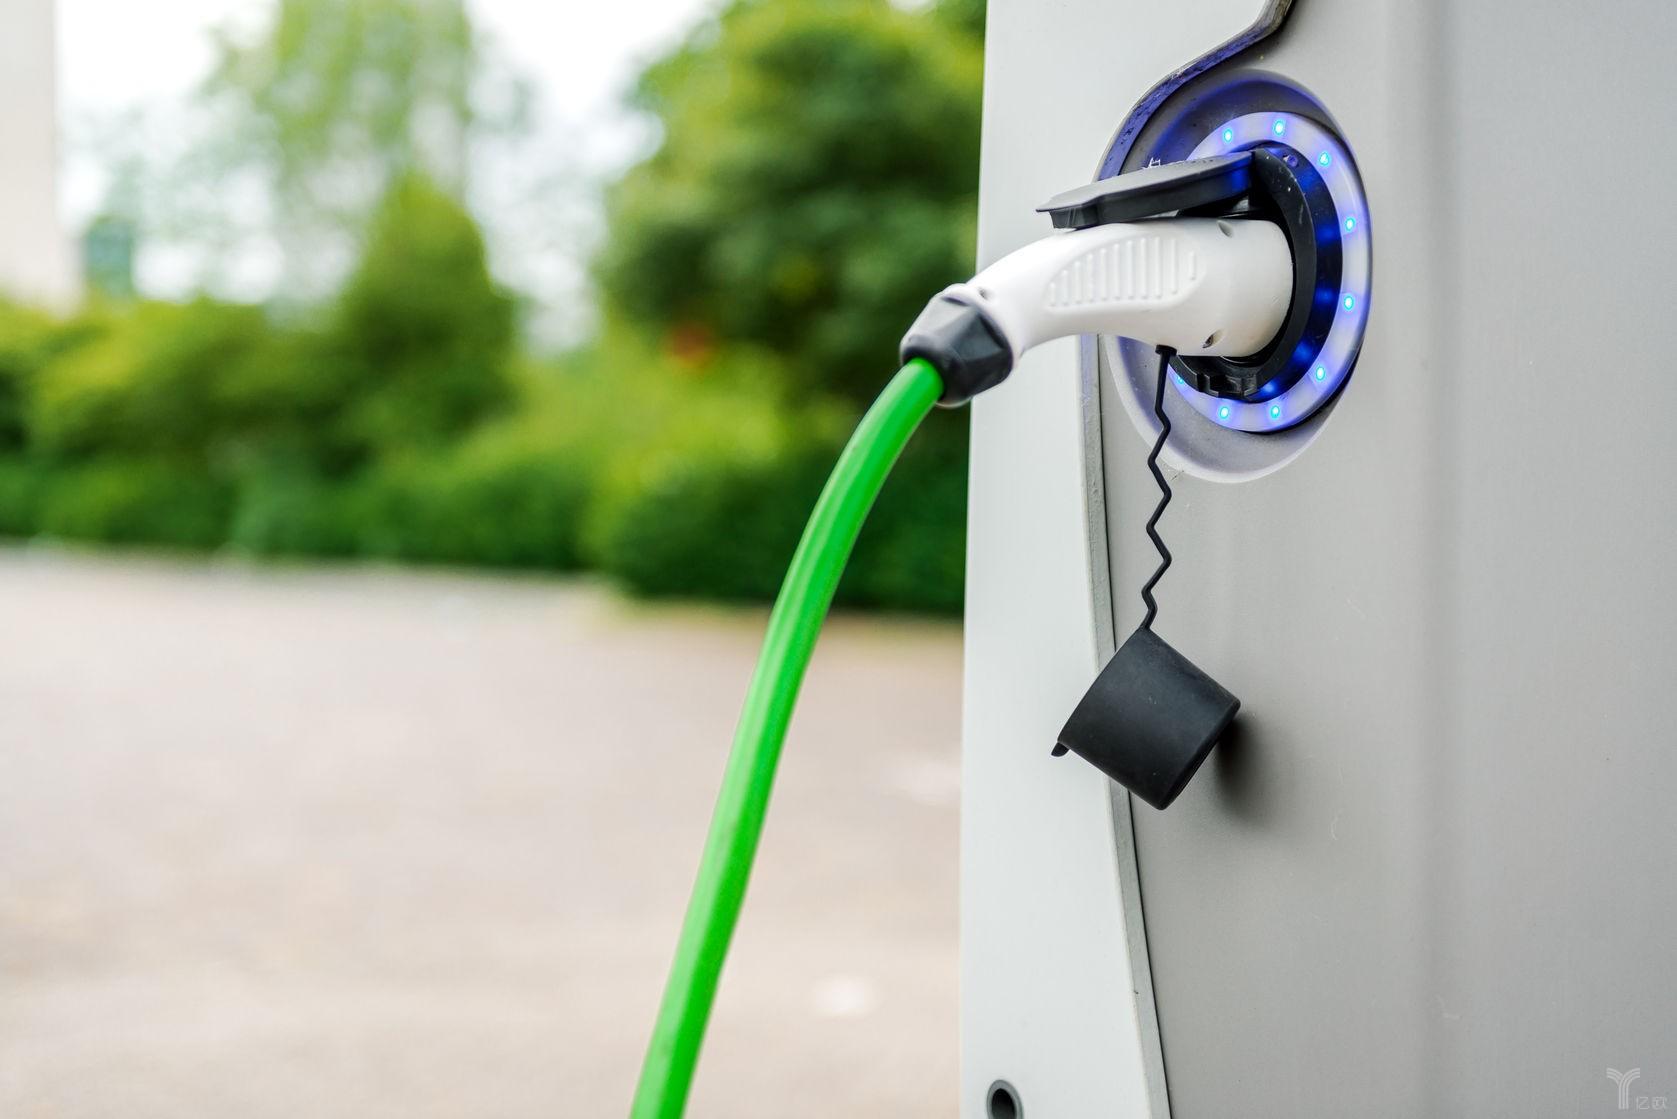 猛狮科技斥资1亿元设立新能源汽车子公司